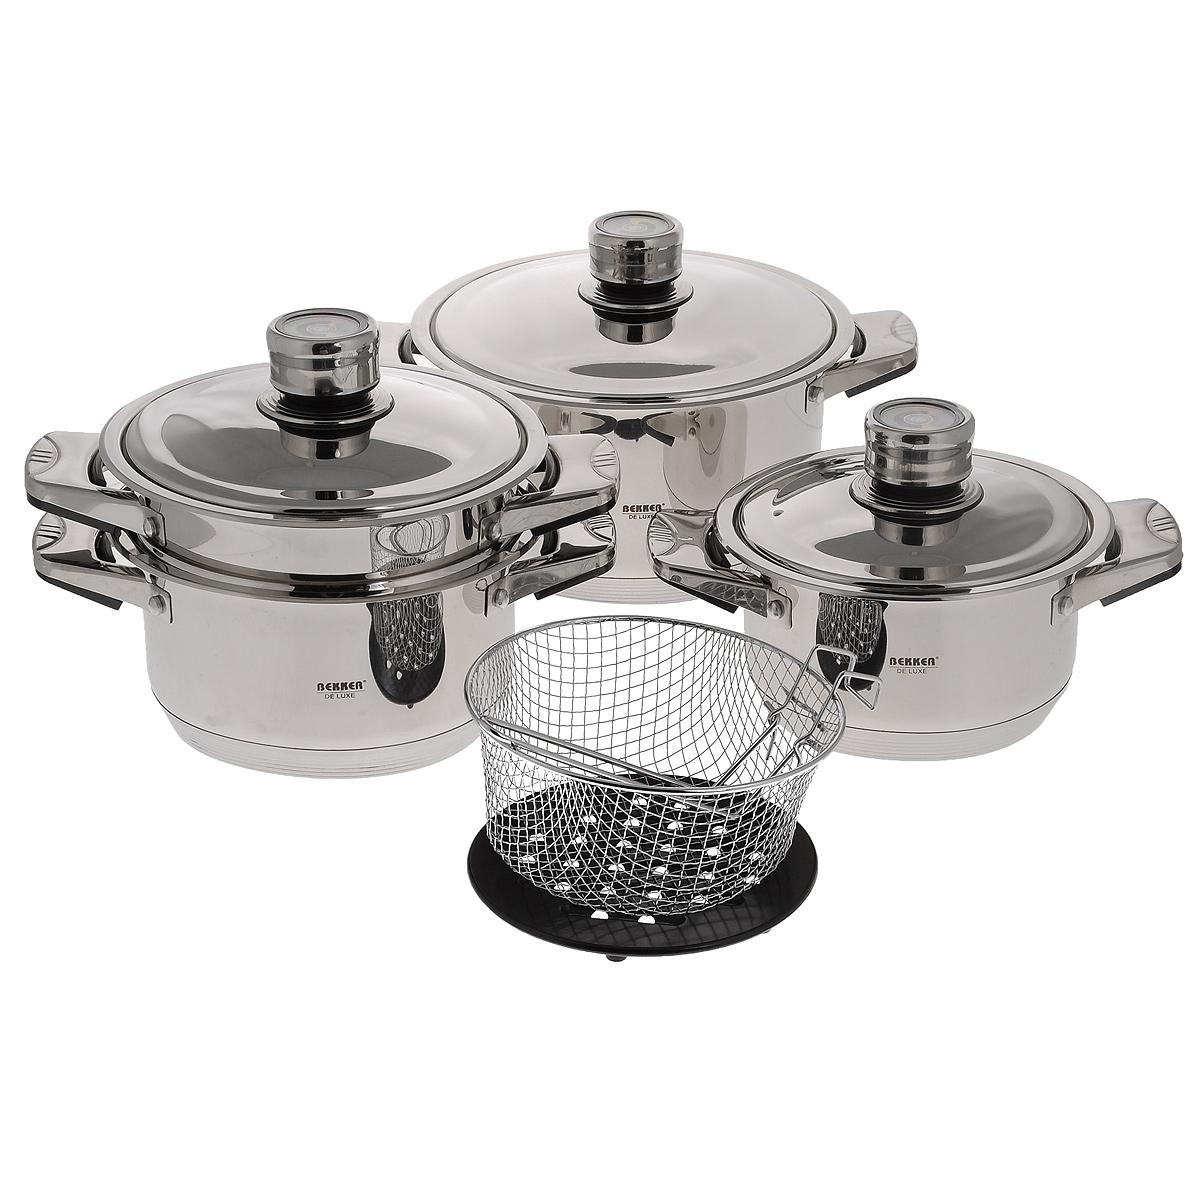 Набор посуды Bekker De Luxe, 9 предметов. BK-2865BK-2865Набор Bekker De Luxe состоит из 3 кастрюль с крышками, пароварки, корзины для жарки (фритюрницы) и подставки под горячее. Изделия изготовлены из высококачественной нержавеющей стали 18/10 с зеркальной полировкой. Посуда имеет капсулированное термическое дно - совершенно новая разработка, позволяющая готовить здоровую пищу. Благодаря уникальной конструкции дна, тепло, проходя через металл, равномерно распределяется по стенкам посуды. В процессе приготовления пищи нижний слой дна остается идеально ровным, обеспечивая идеальный контакт между дном посуды и поверхностью плиты. Быстрая проводимость тепла и экономия энергии обеспечивается за счет использования при изготовлении дна разнородных материалов, таких как алюминий и сталь. Проходя через стальной нижний слой, тепло мгновенно попадает на алюминиевый слой, где и происходит его равномерное распределение. Внутри дна концентрируется очень высокая температура, которая практически мгновенно распределяется по...